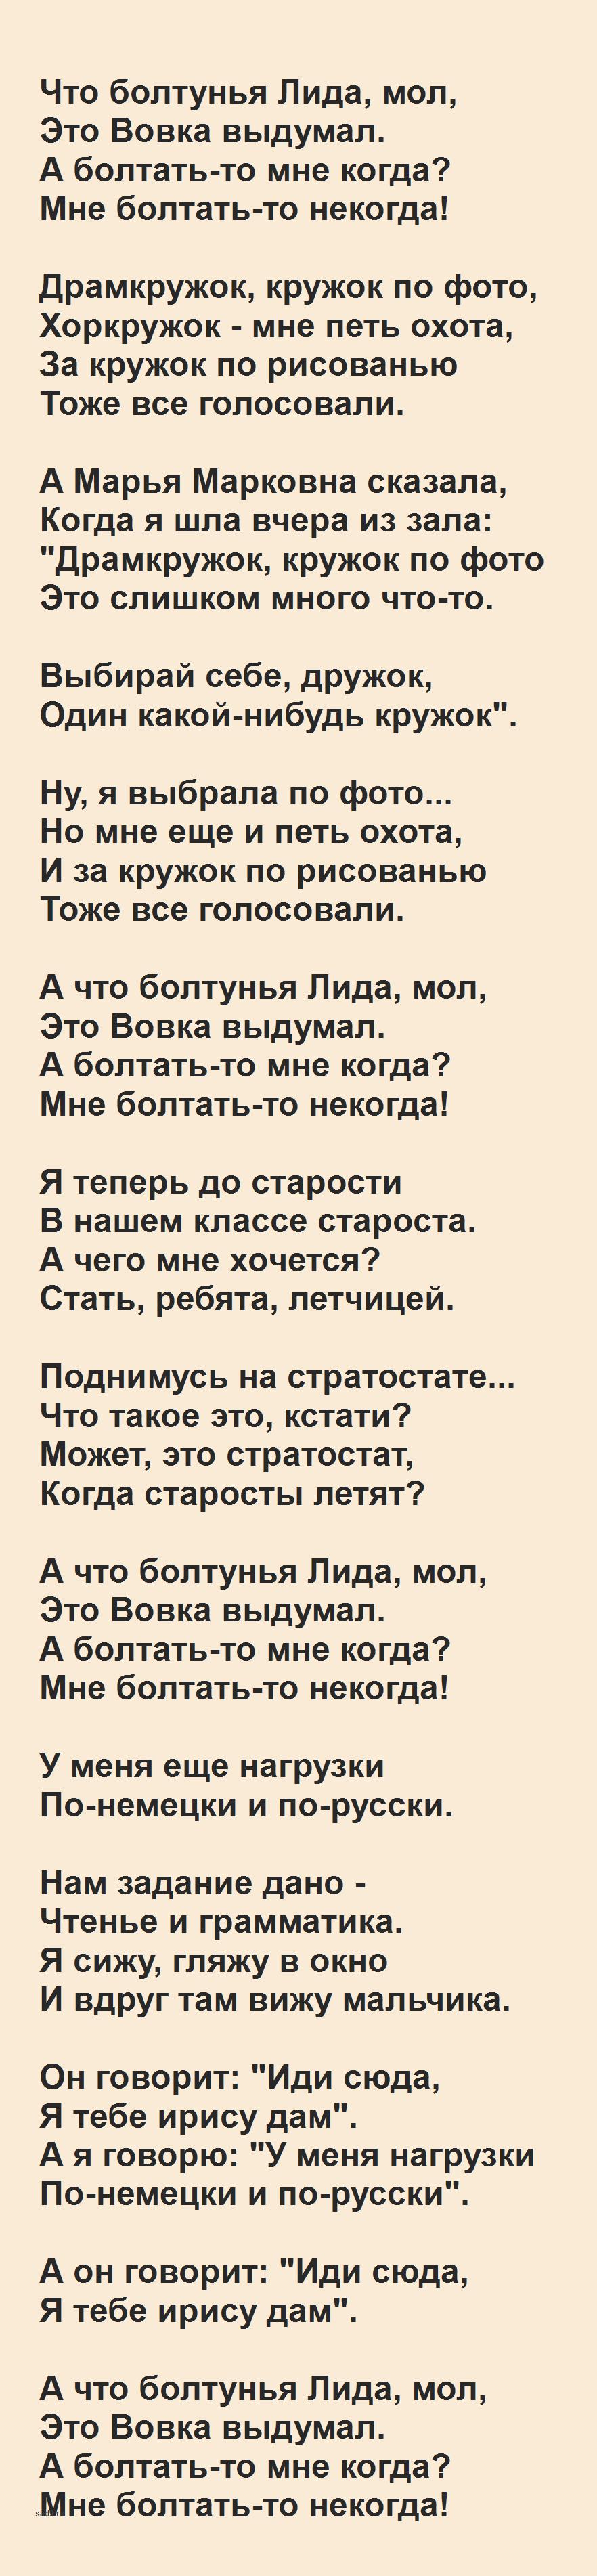 Стихи Агнии Барто - Болтунья